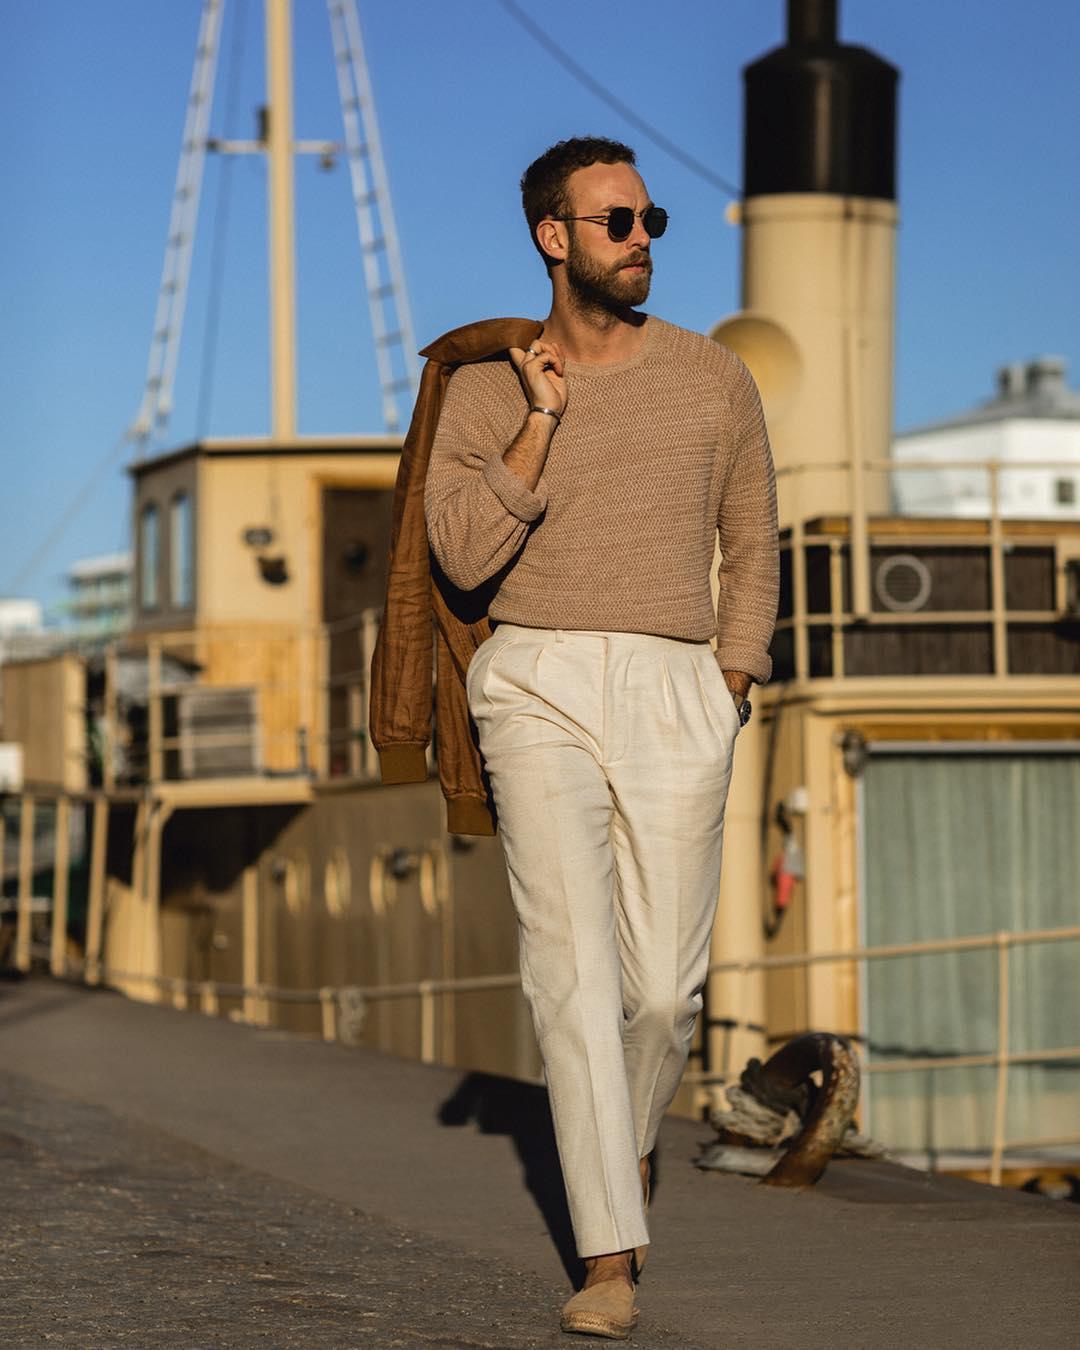 On peut par contre prévoir un pantalon légèrement plus bas pour un port casual sans veste. Mais c'est plutôt le port ou non d'une veste que le degré de formalité qui va influencer le choix de la taille.